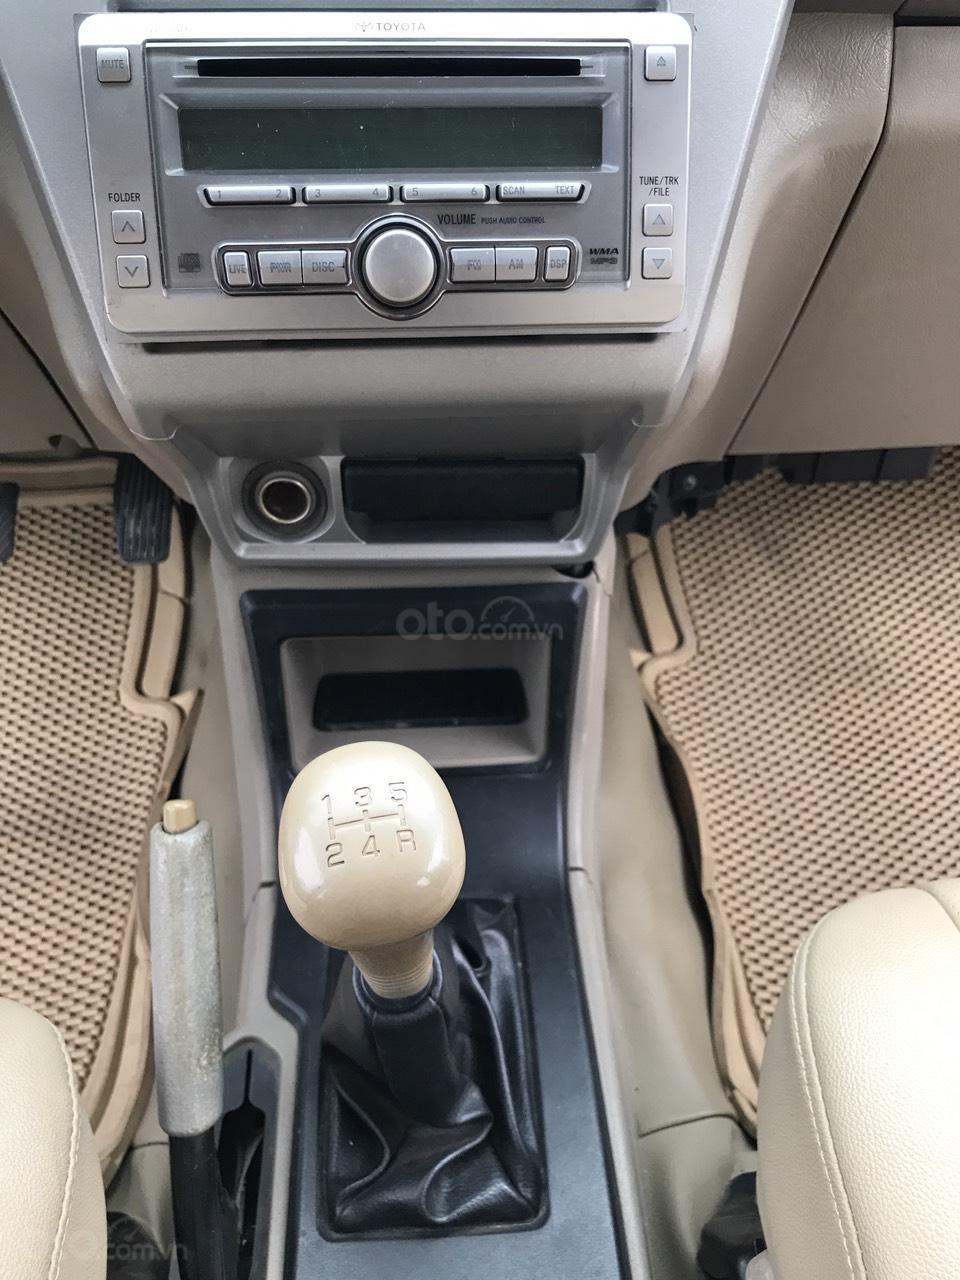 Cần bán xe Mitsubishi Jolie SS đời 2005, màu xám (ghi), cam kết máy nguyên mới (16)